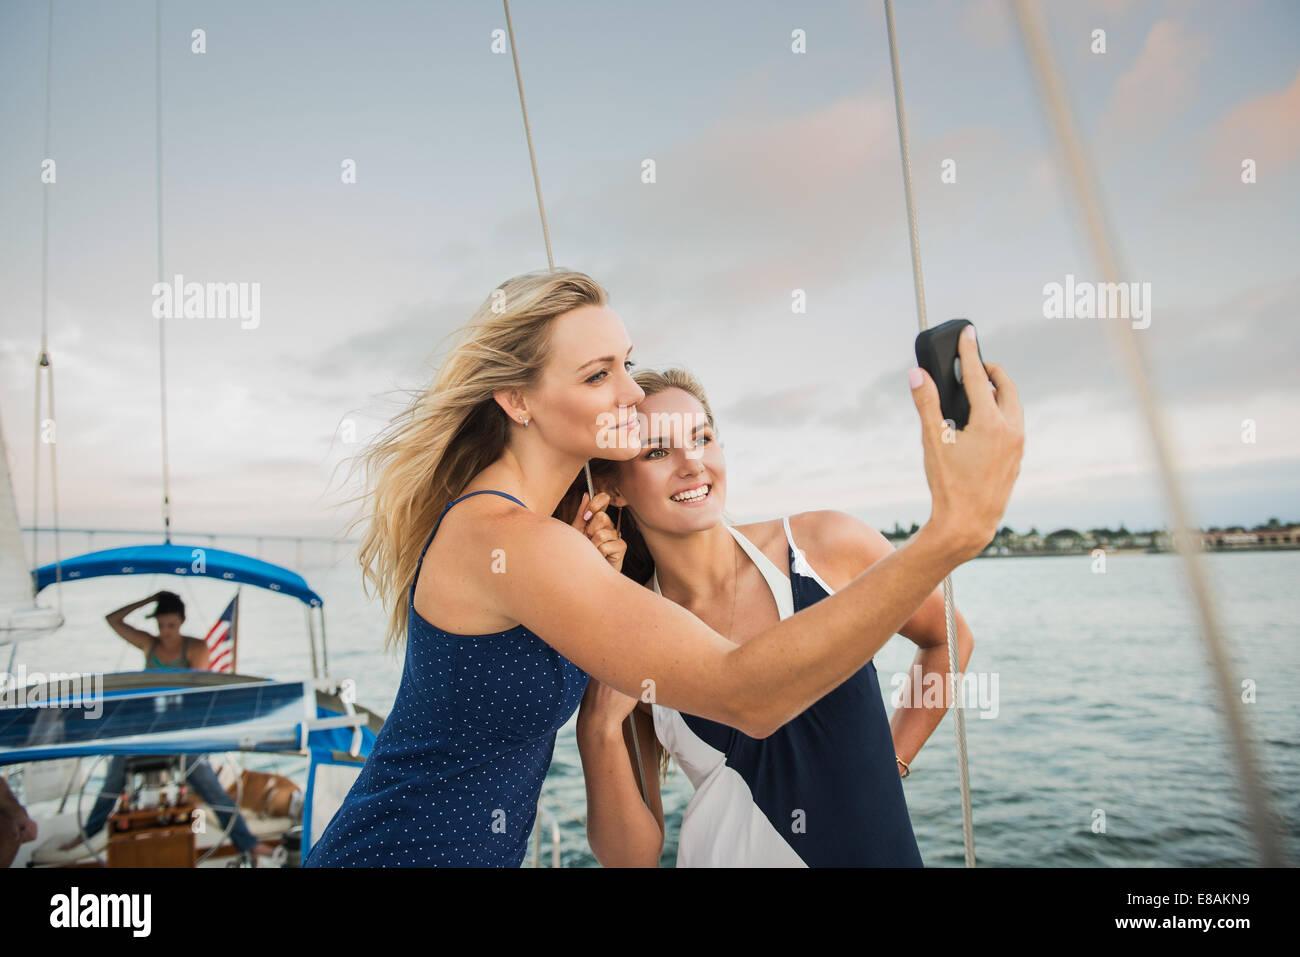 Les amis de photographier eux-mêmes sur bateau à voile Photo Stock